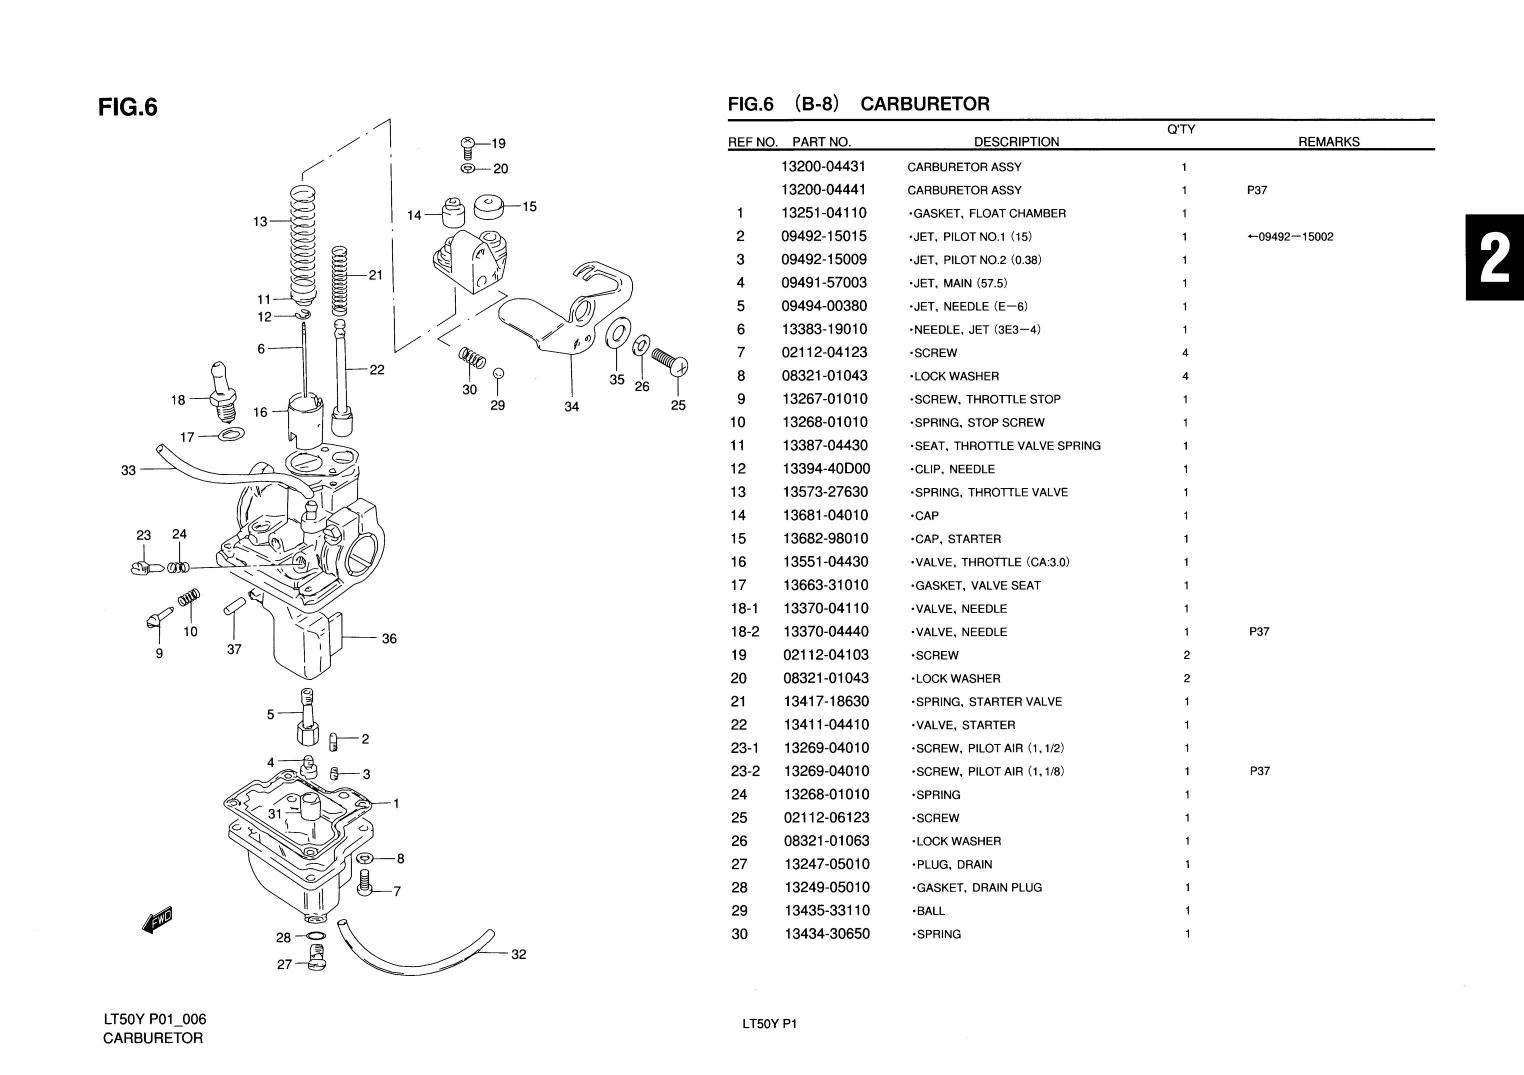 1997 suzuki lt50 parts diagram reading wiring diagrams hvac genuine mini atv quad carburetor float 13252